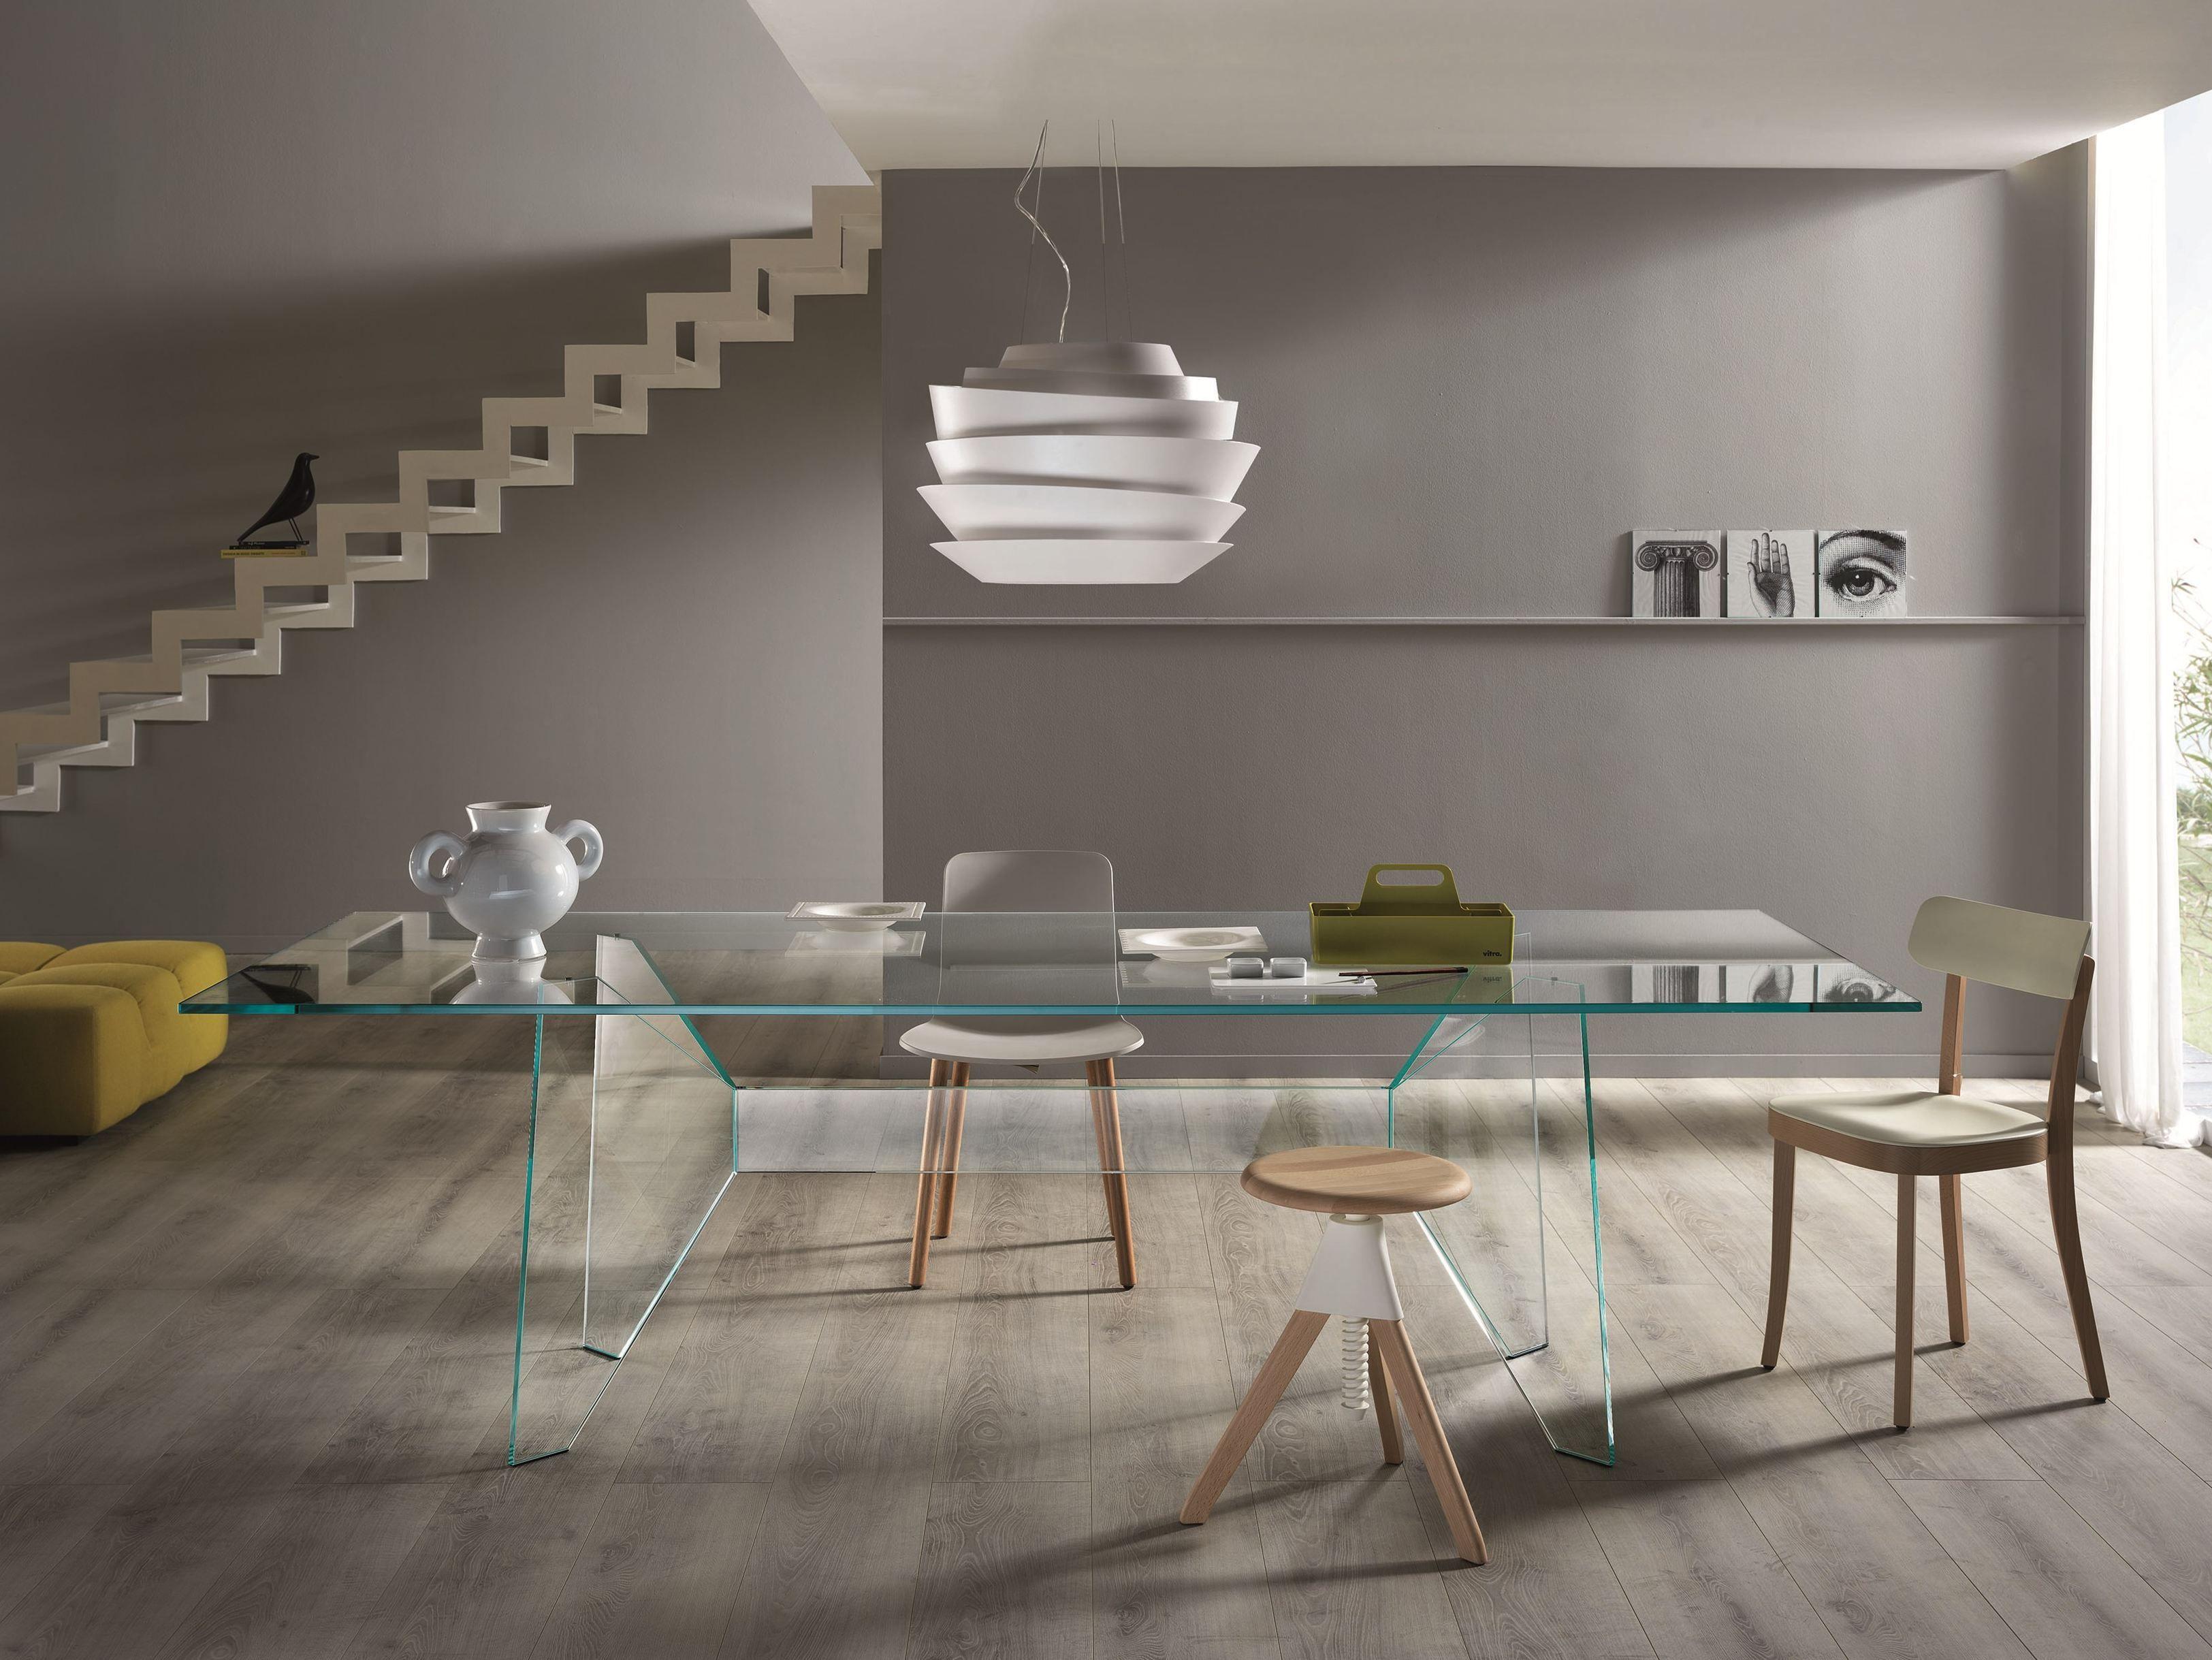 Da Pranzo Rettangolare In Cristallo Design CLARO T.D. Tonelli Design #3C6868 3249 2438 Tavoli Da Pranzo Di Design